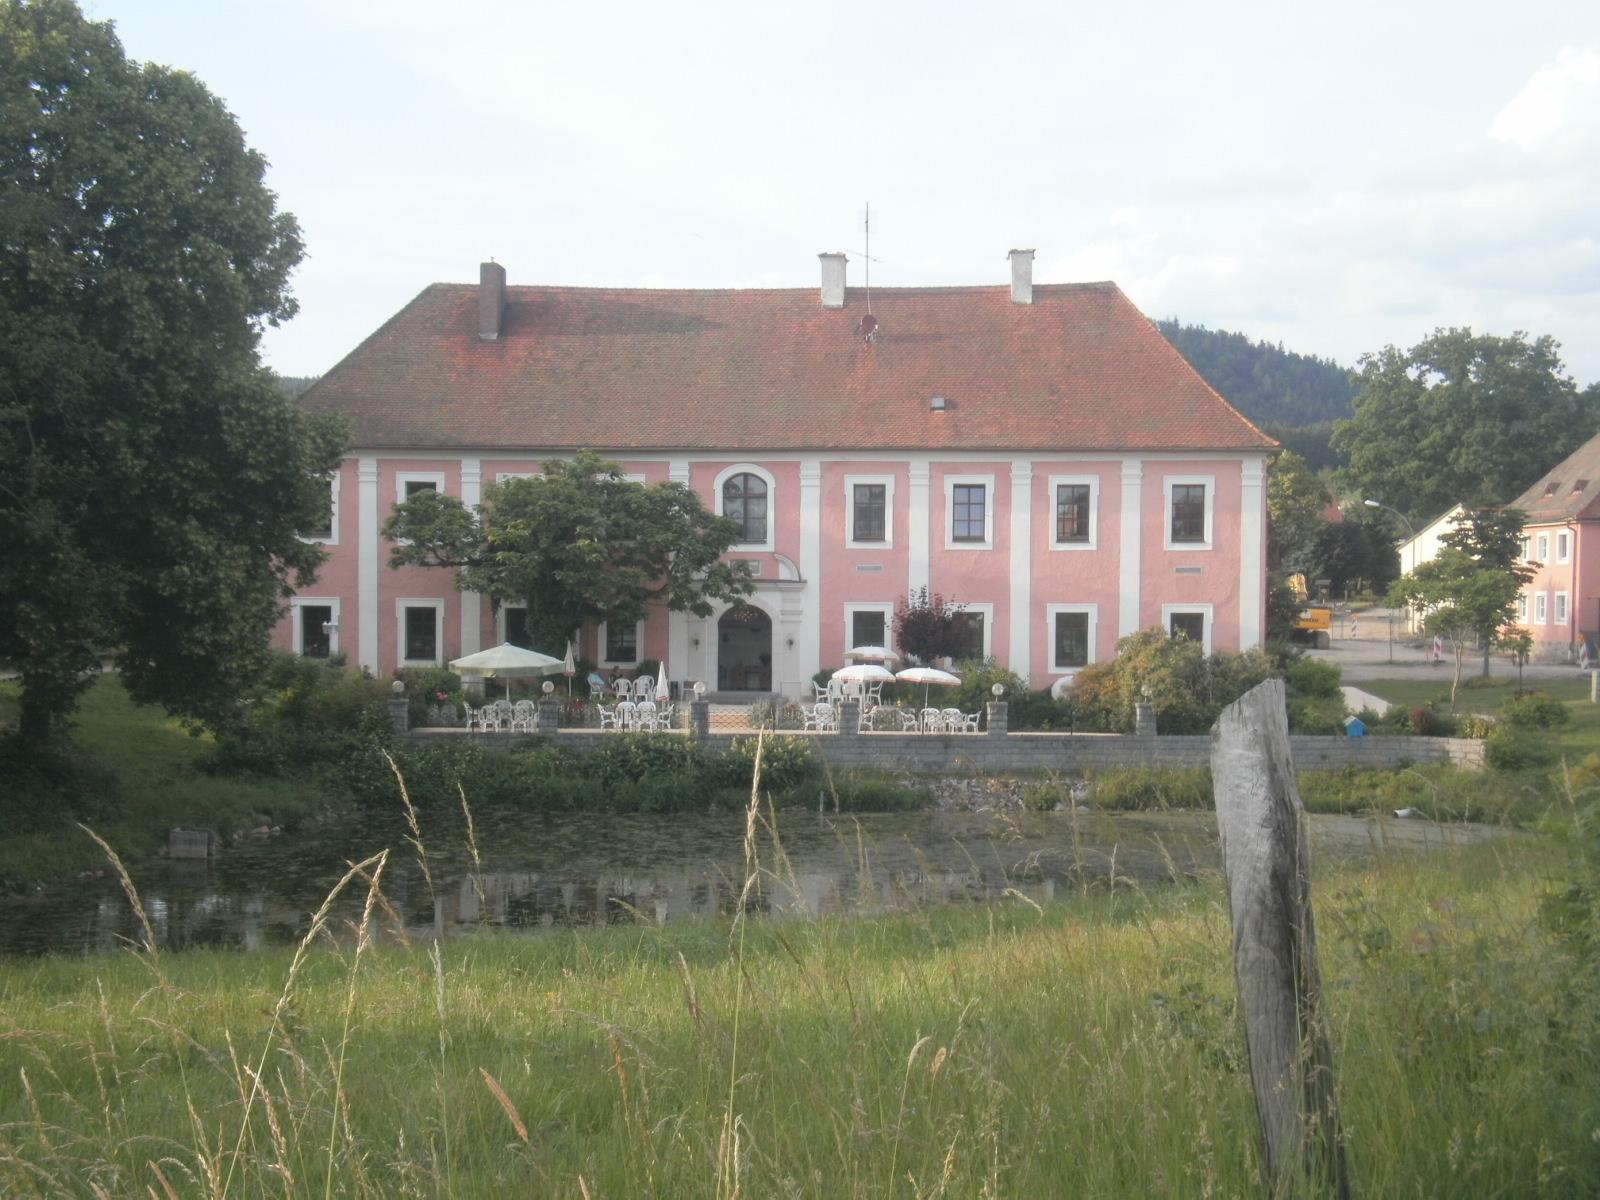 Schloss Kröblitz - das malerische Ziel der KVU-Wandervögel am 29. Juni abends... Foto: F. W. Stumpfi